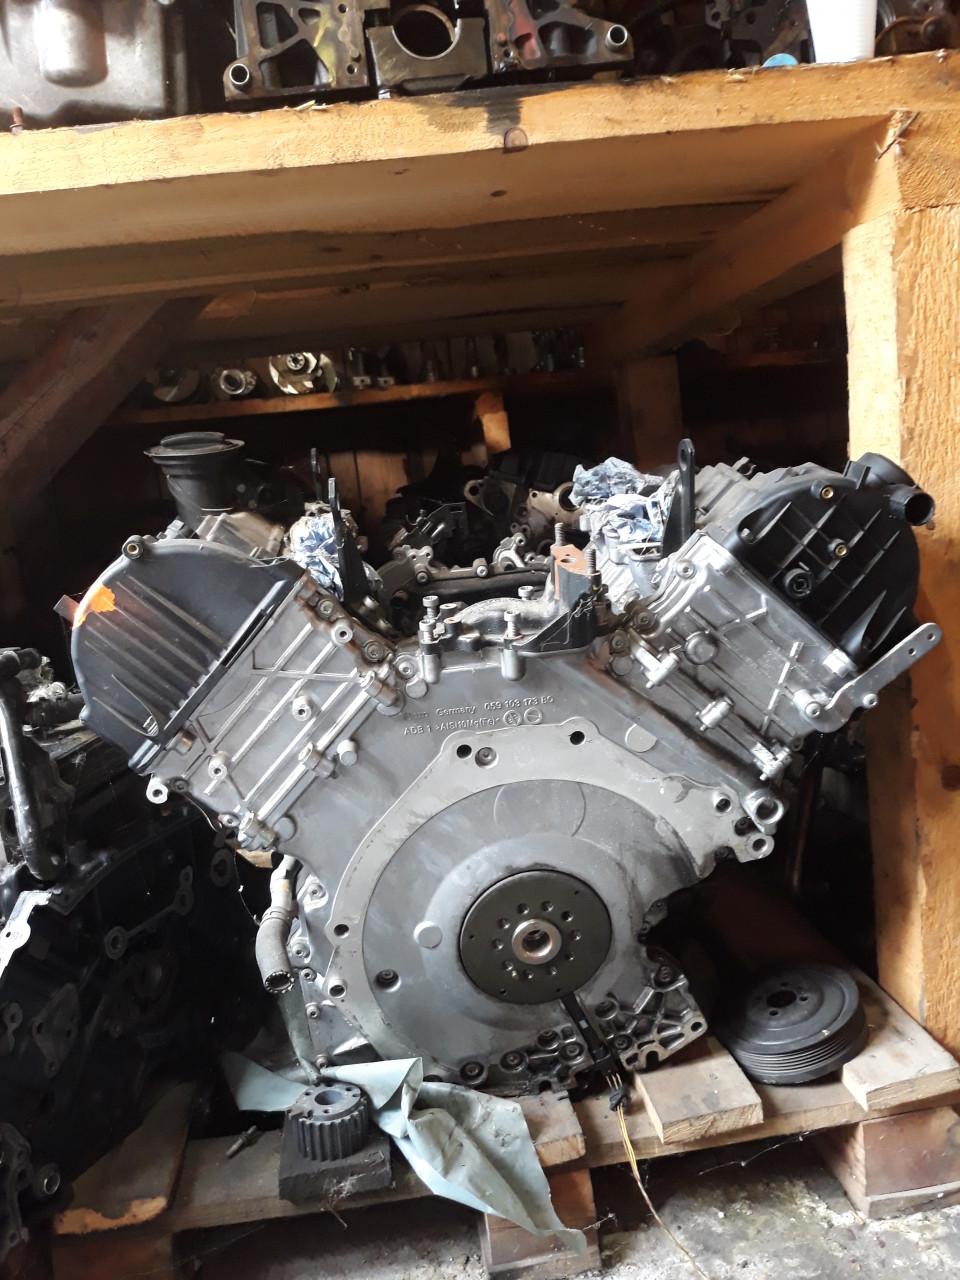 Motor Audi A6 4G/ A7 4G8  3.0 TDI cod: CDU V6 180 KW 245 HP 2012-2018